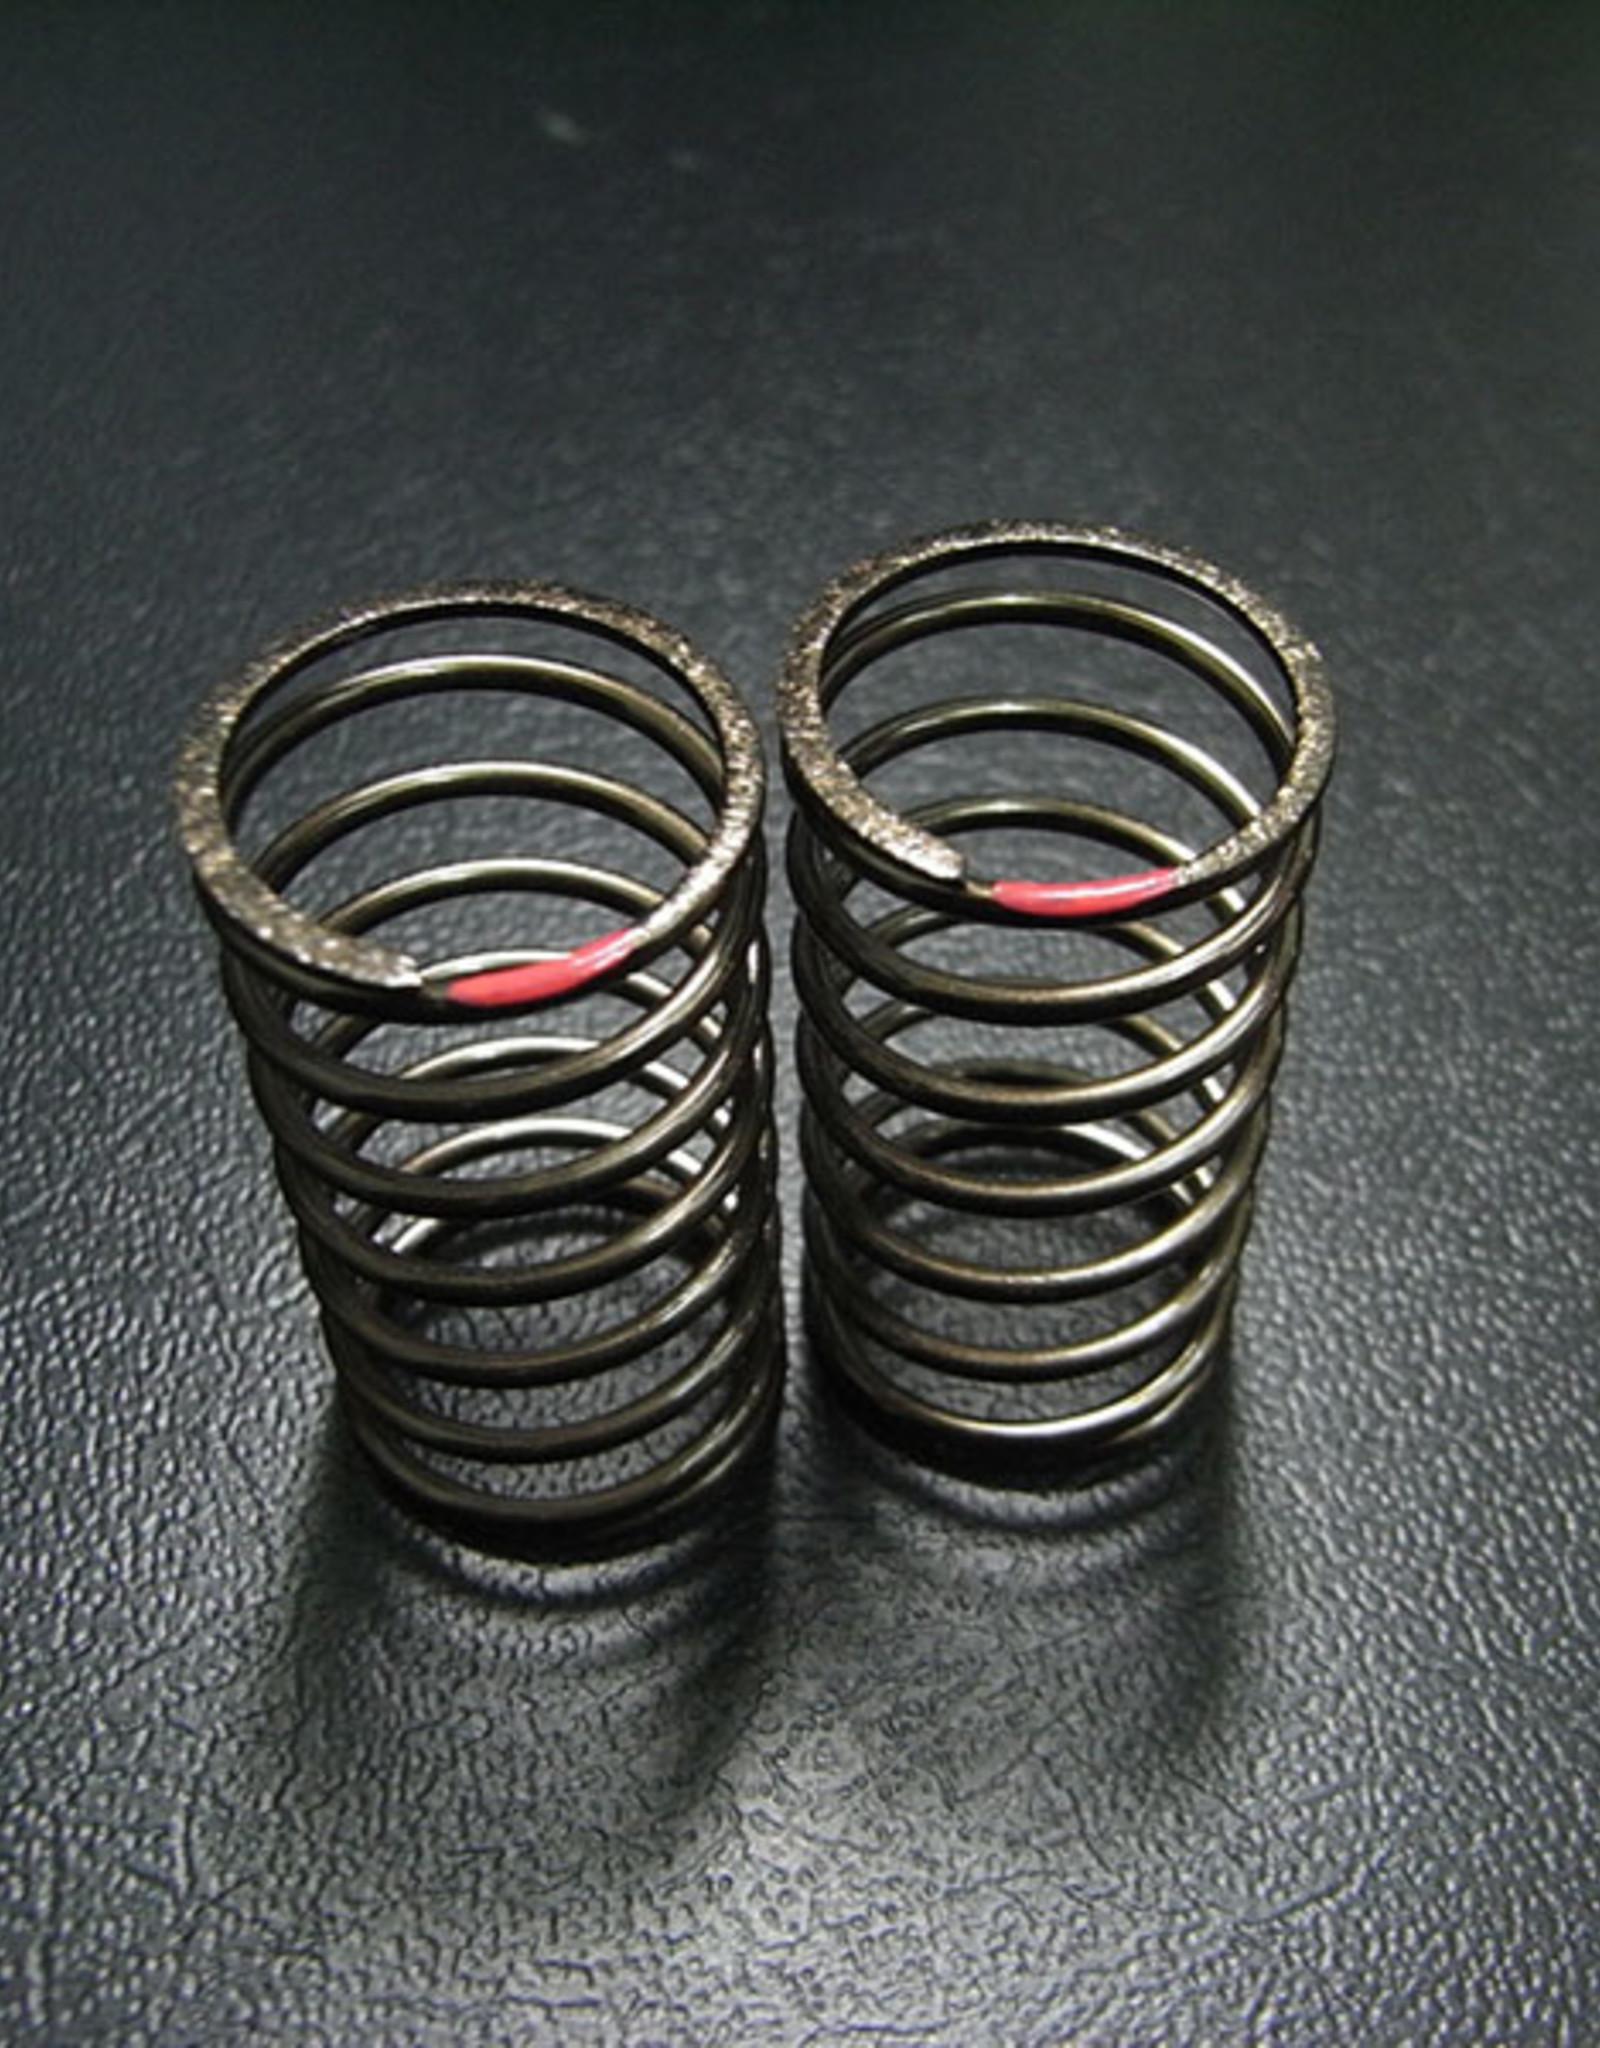 MST MXSPD210144-3 Coil spring set 28mm (soft) (red) (2) - MST 210144-3